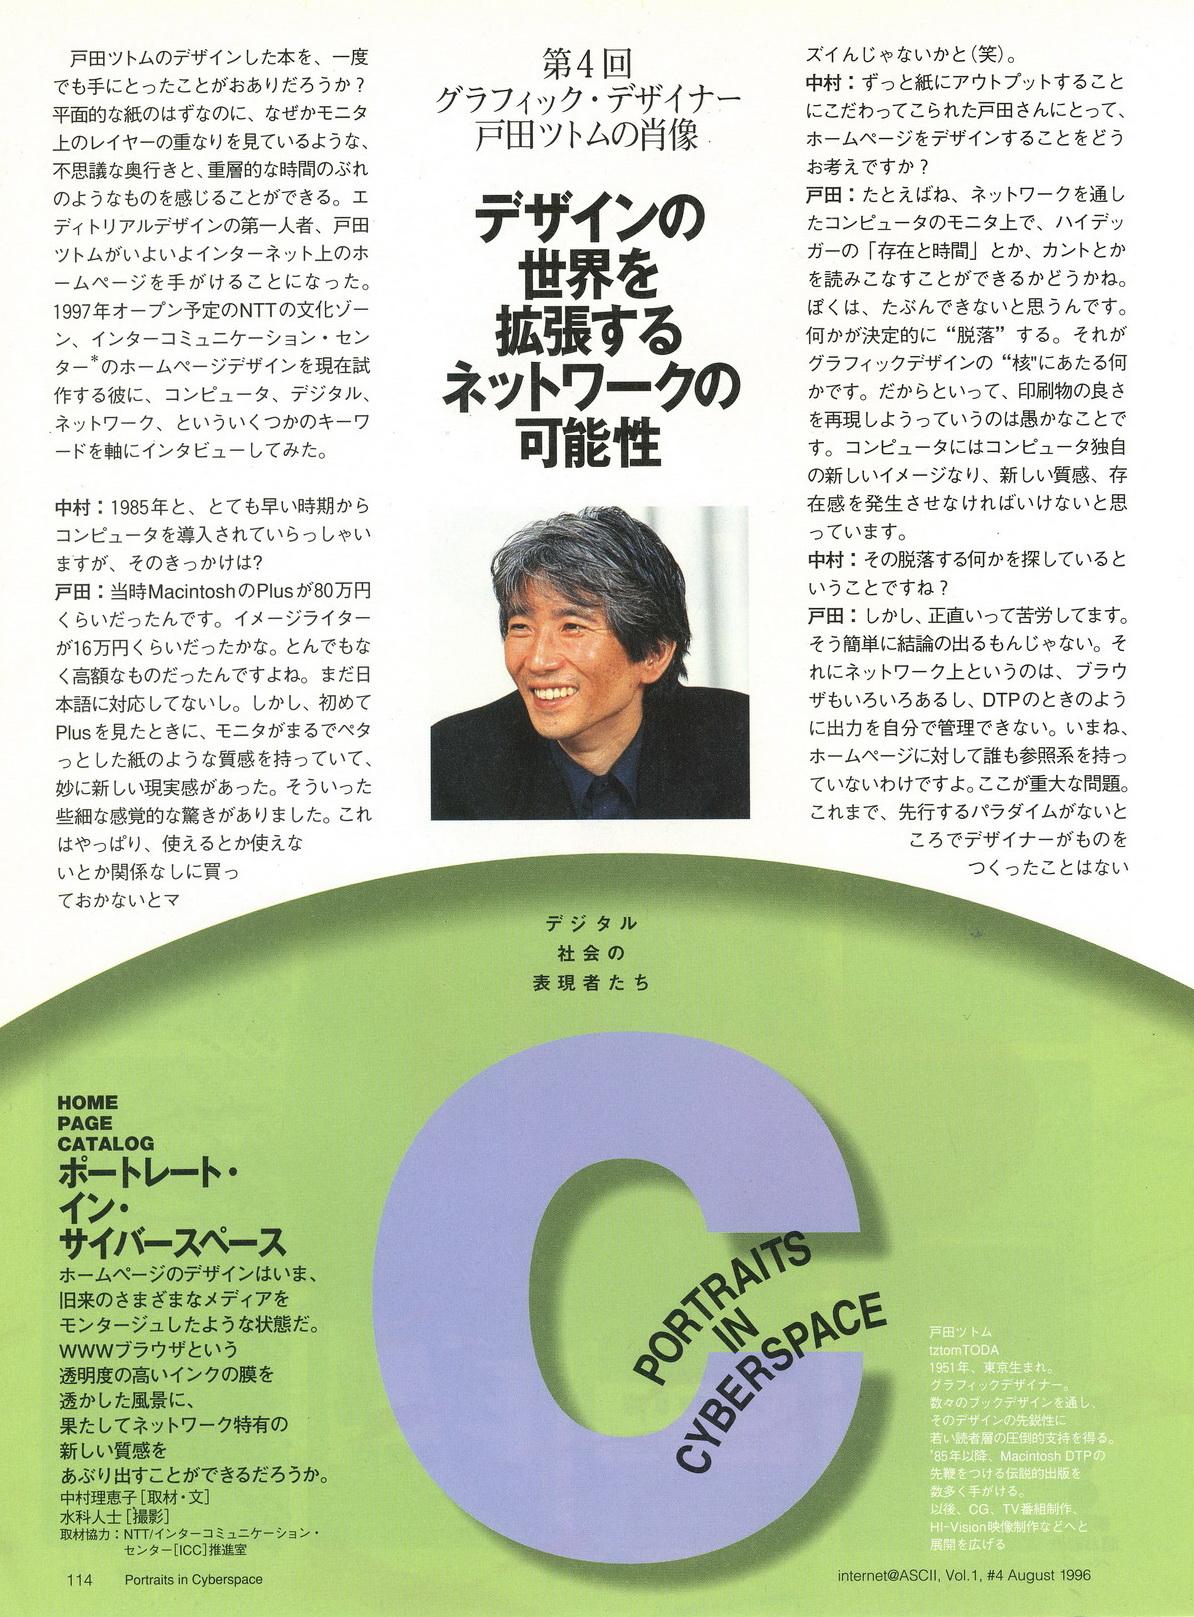 第4回 戸田ツトム/グラフィック・デザイナー